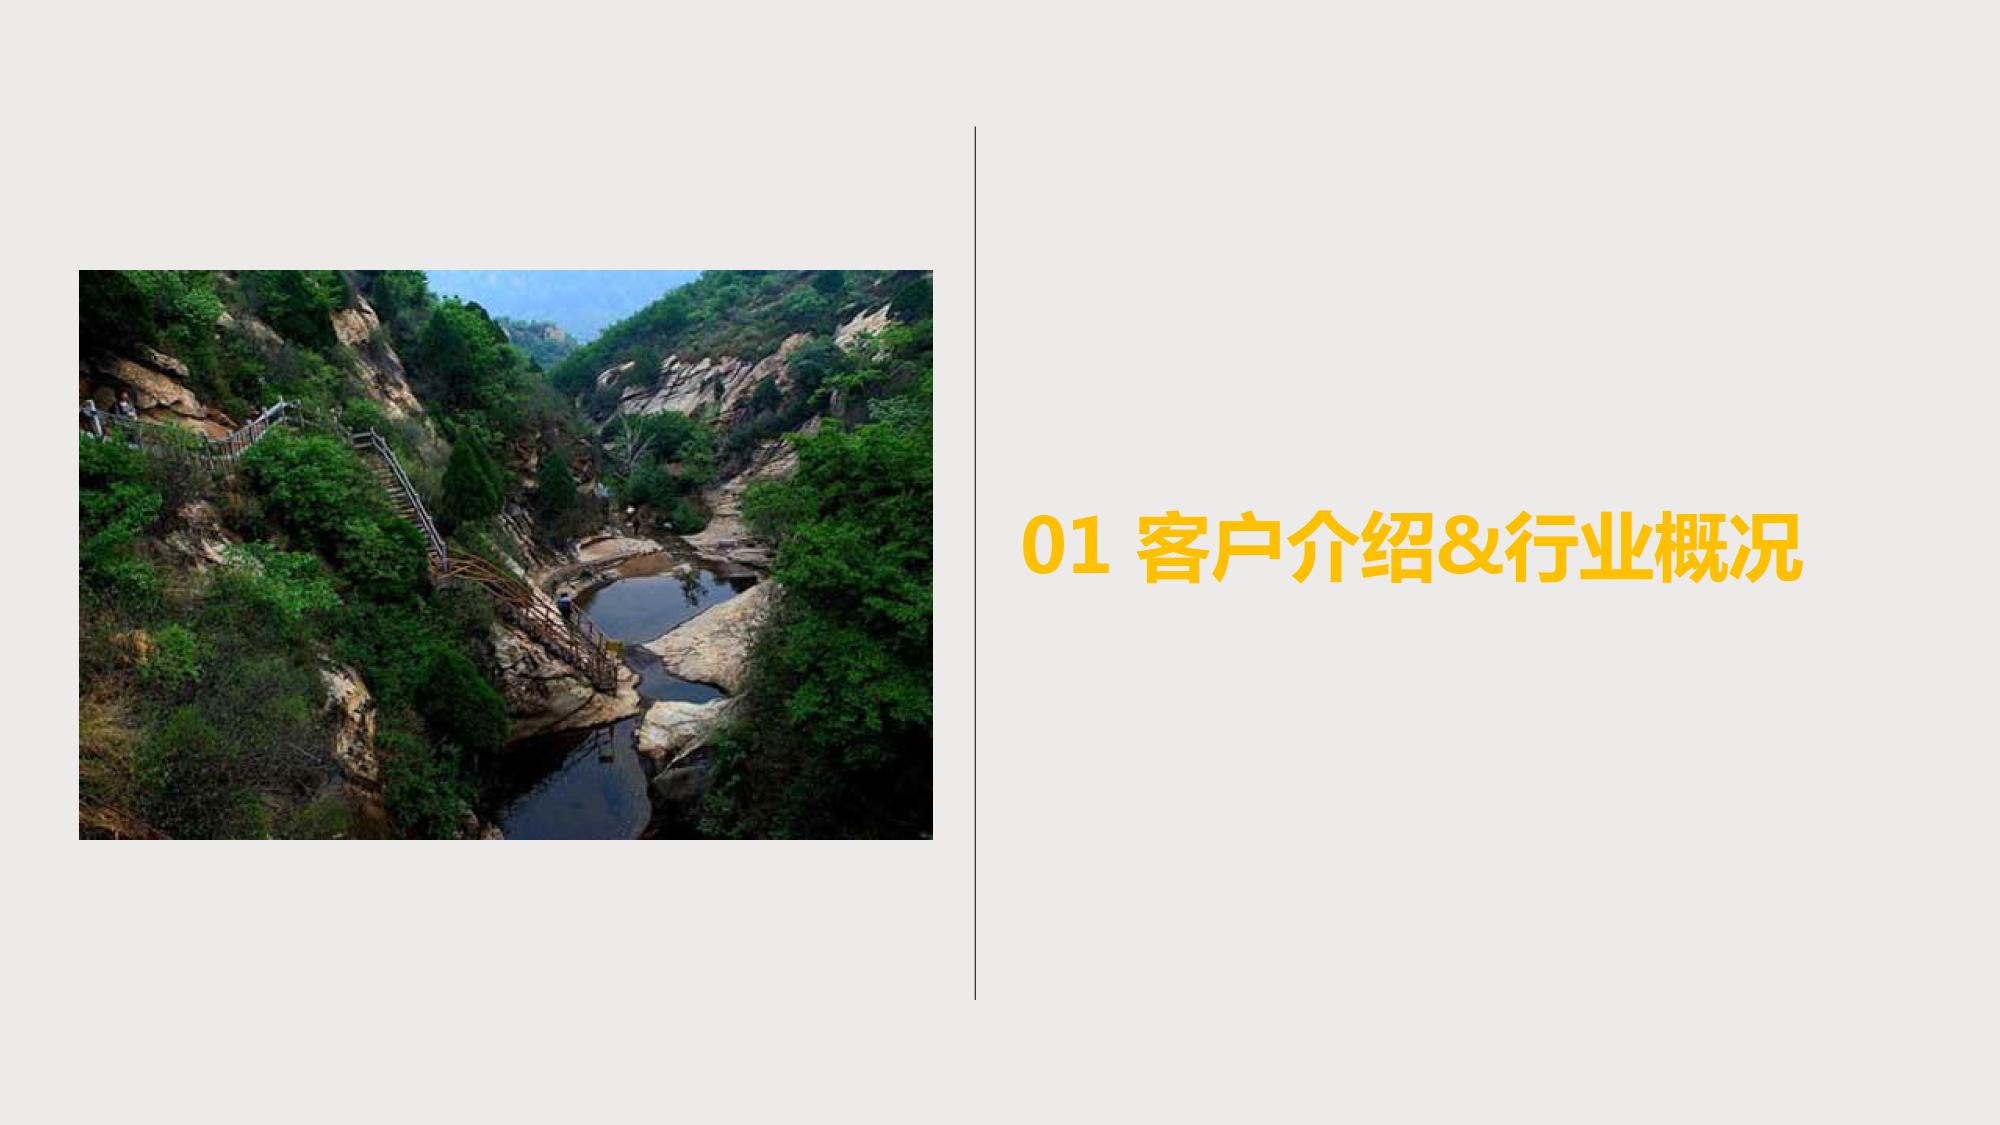 F1+diyipu+旅游及票务-周亚_3.png